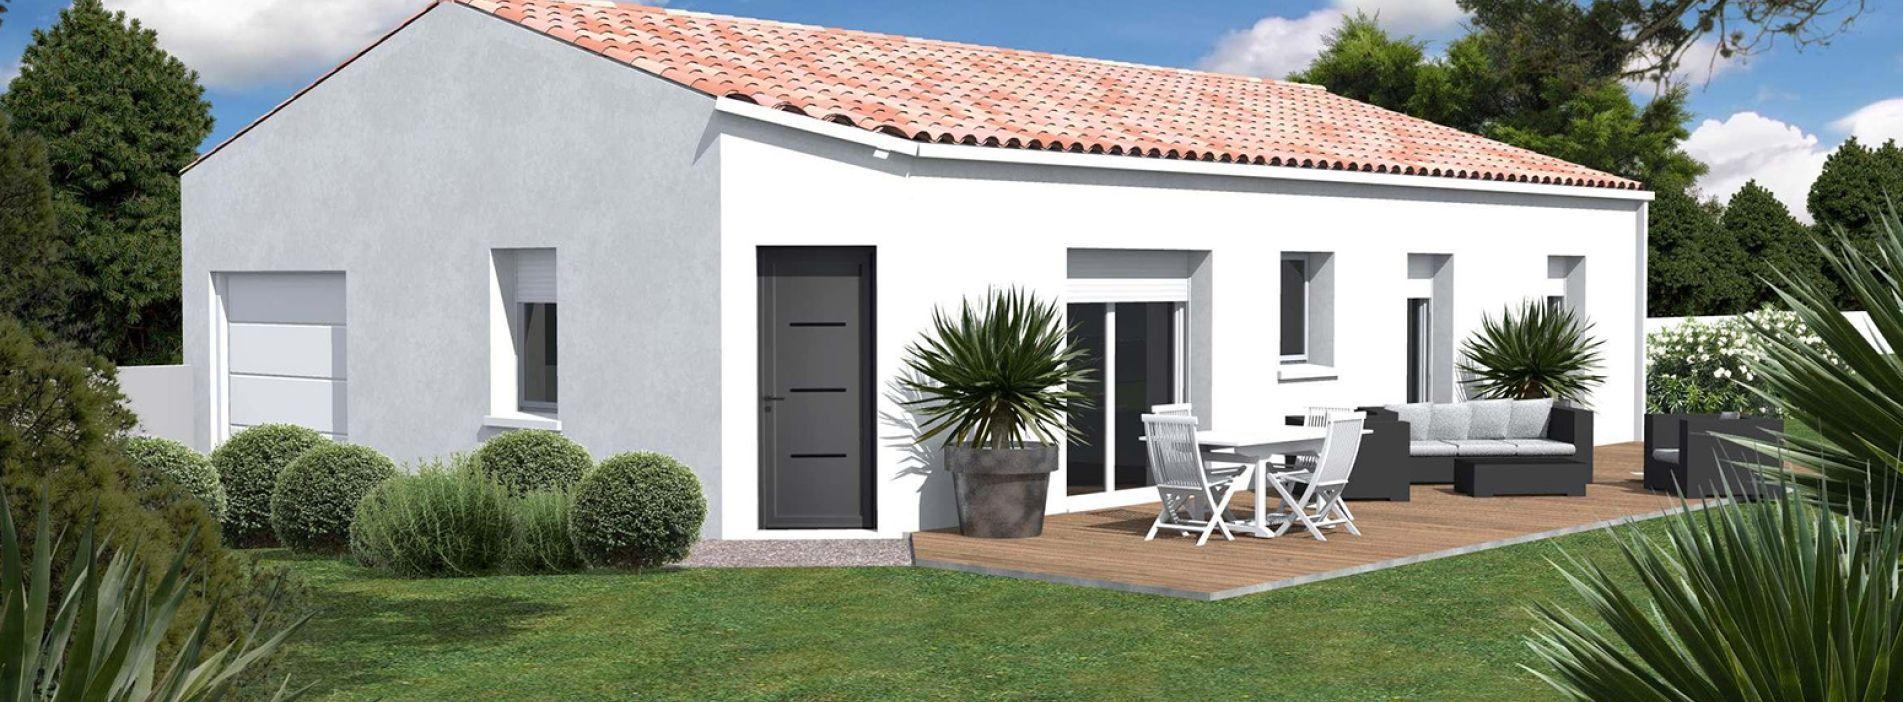 Image Maison 86.33 m² avec terrain à BERSON (GIRONDE - 33)